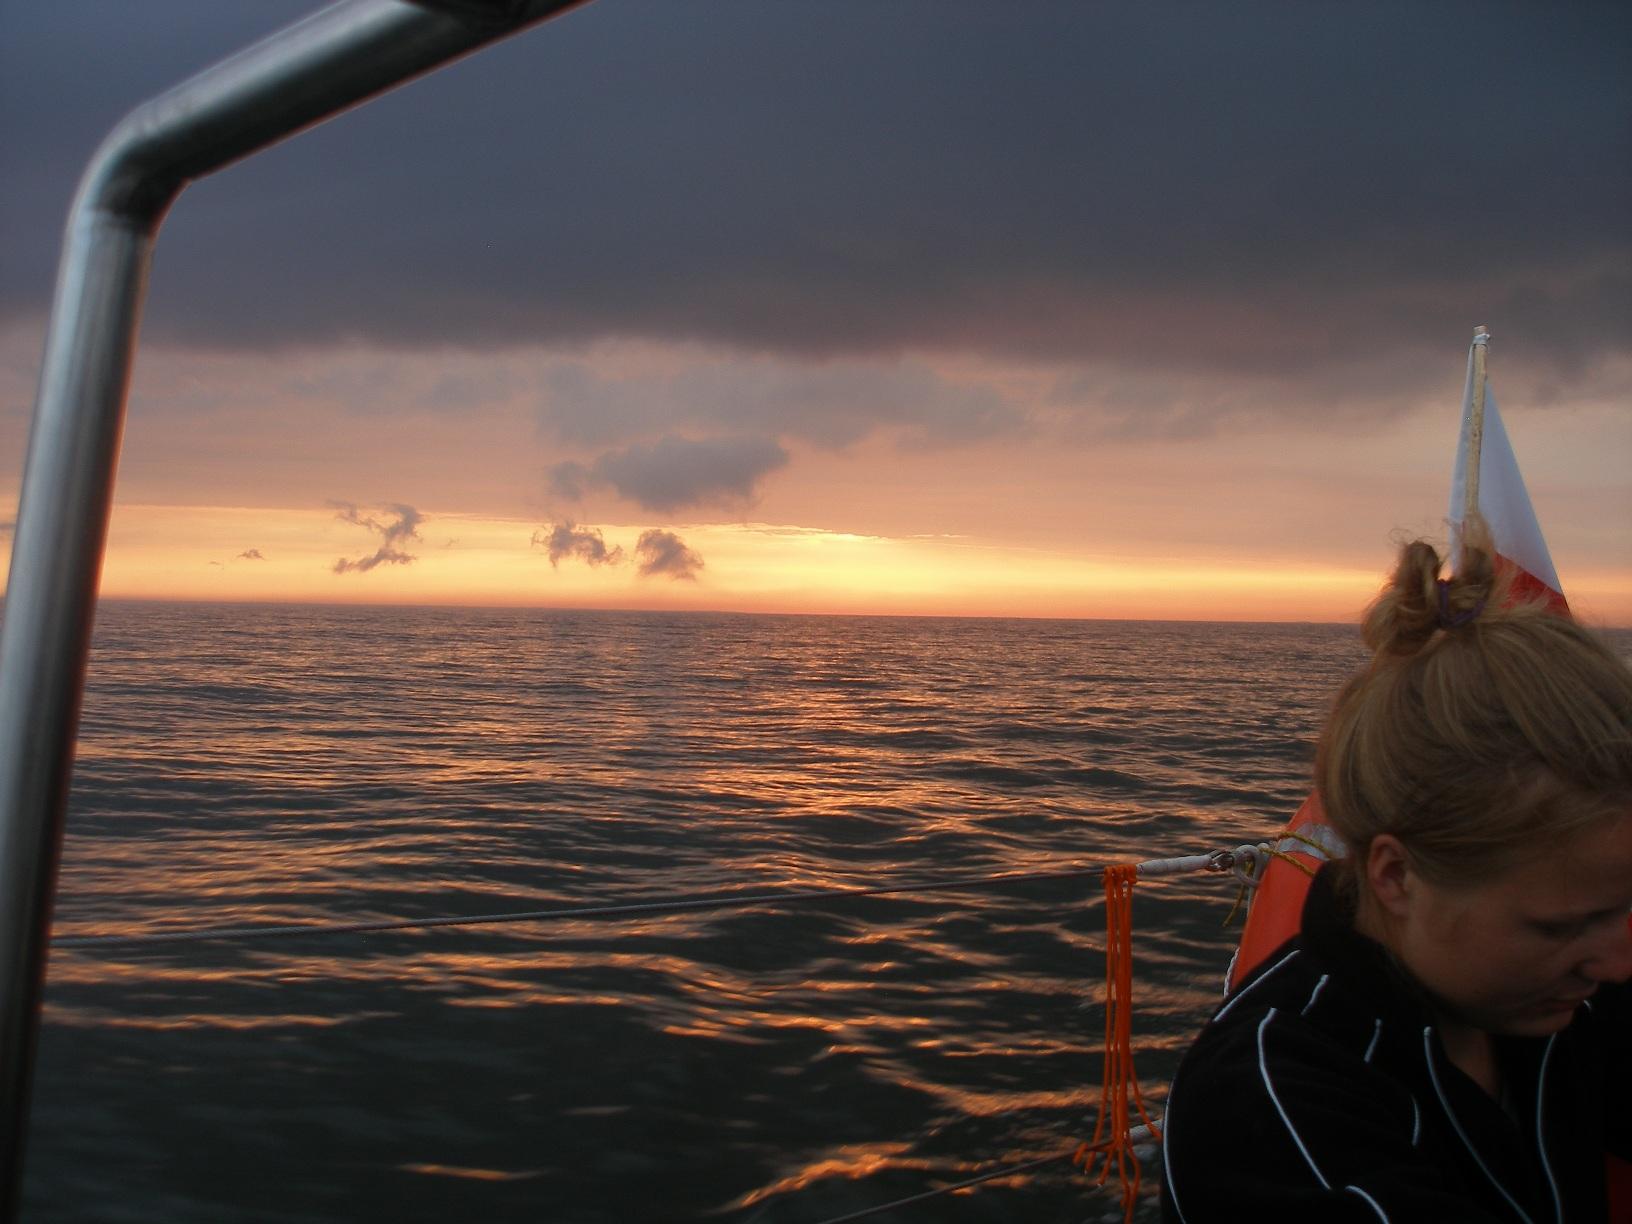 rejsy morskie morze północne, rejsy morskie bałtyk, Bałtyk